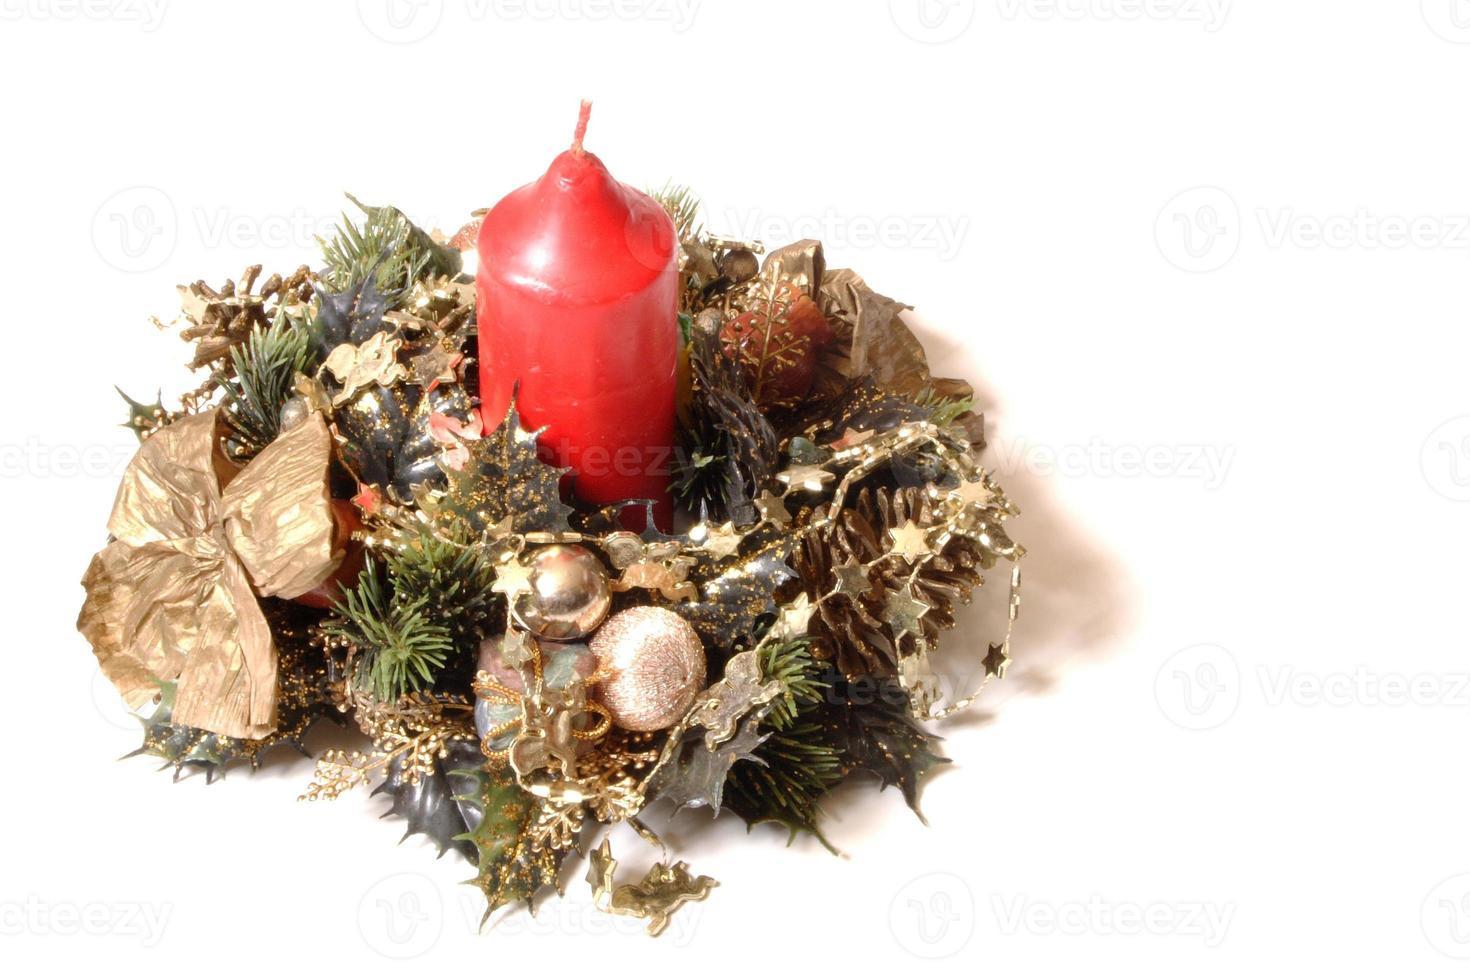 décoration de bougie pour Noël photo